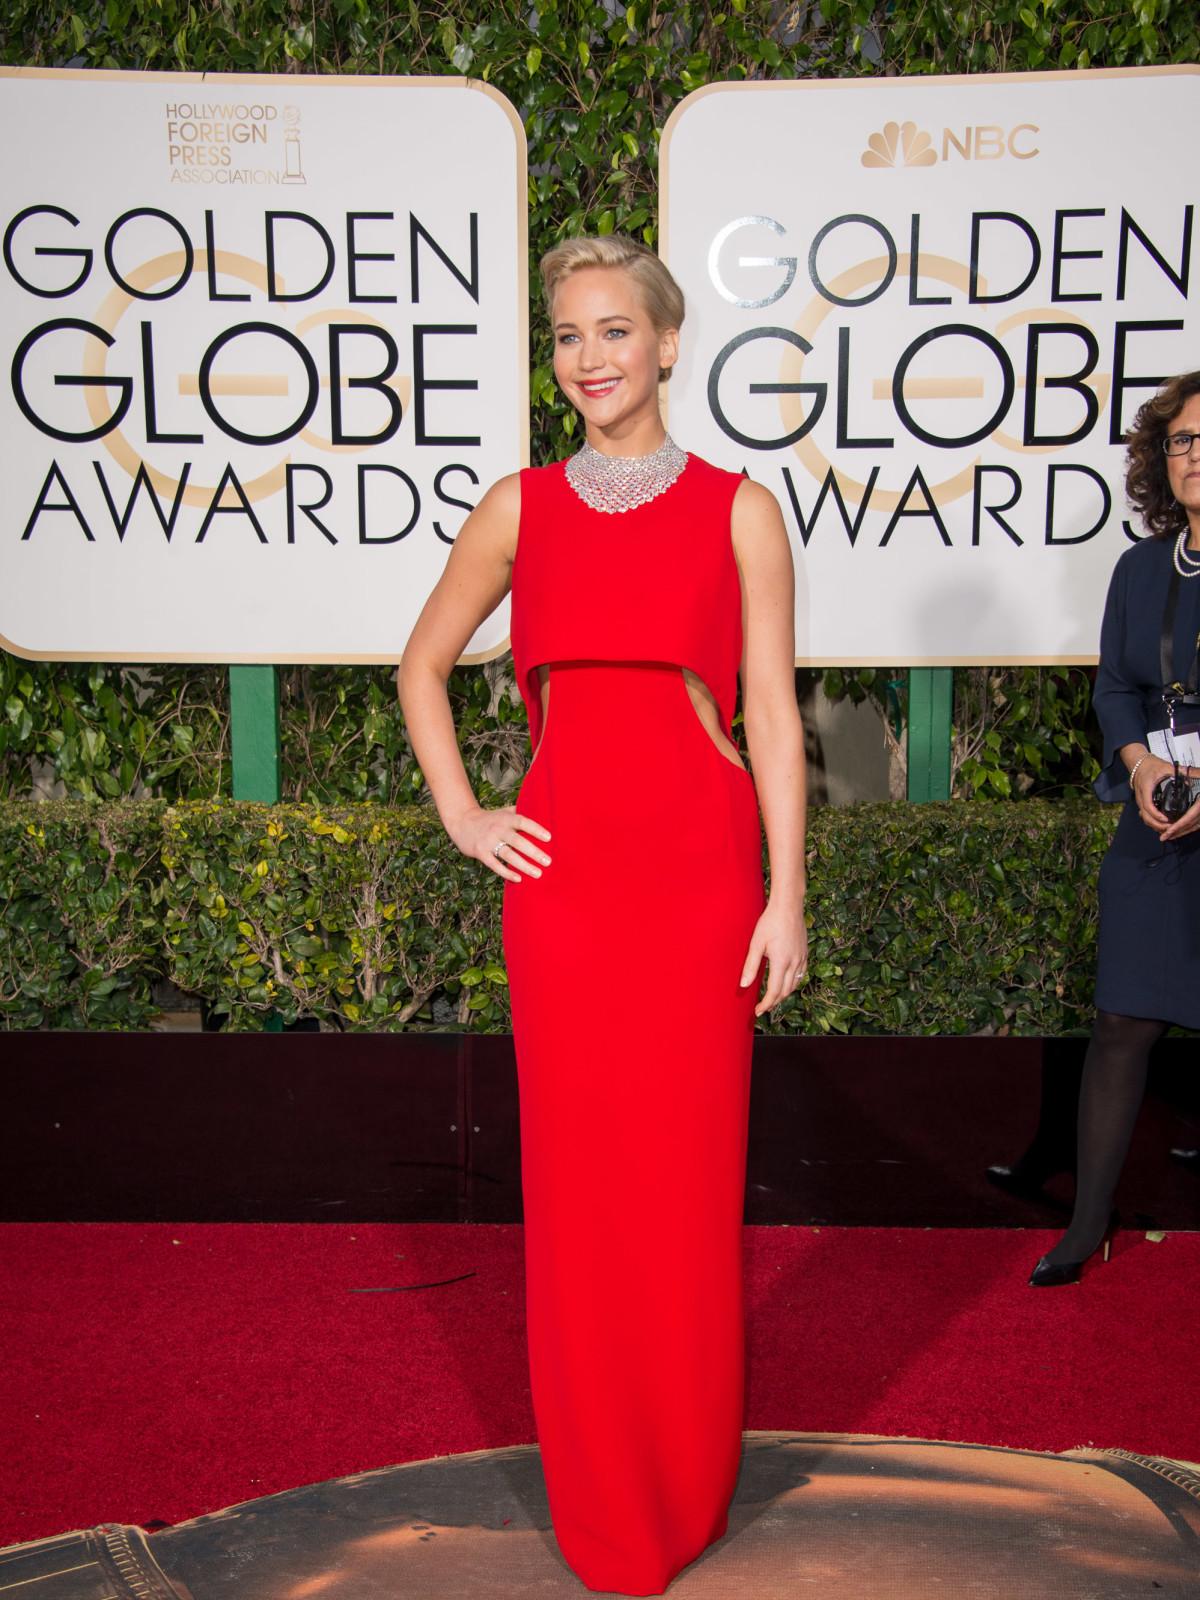 Jennifer Lawrence at Golden Globes